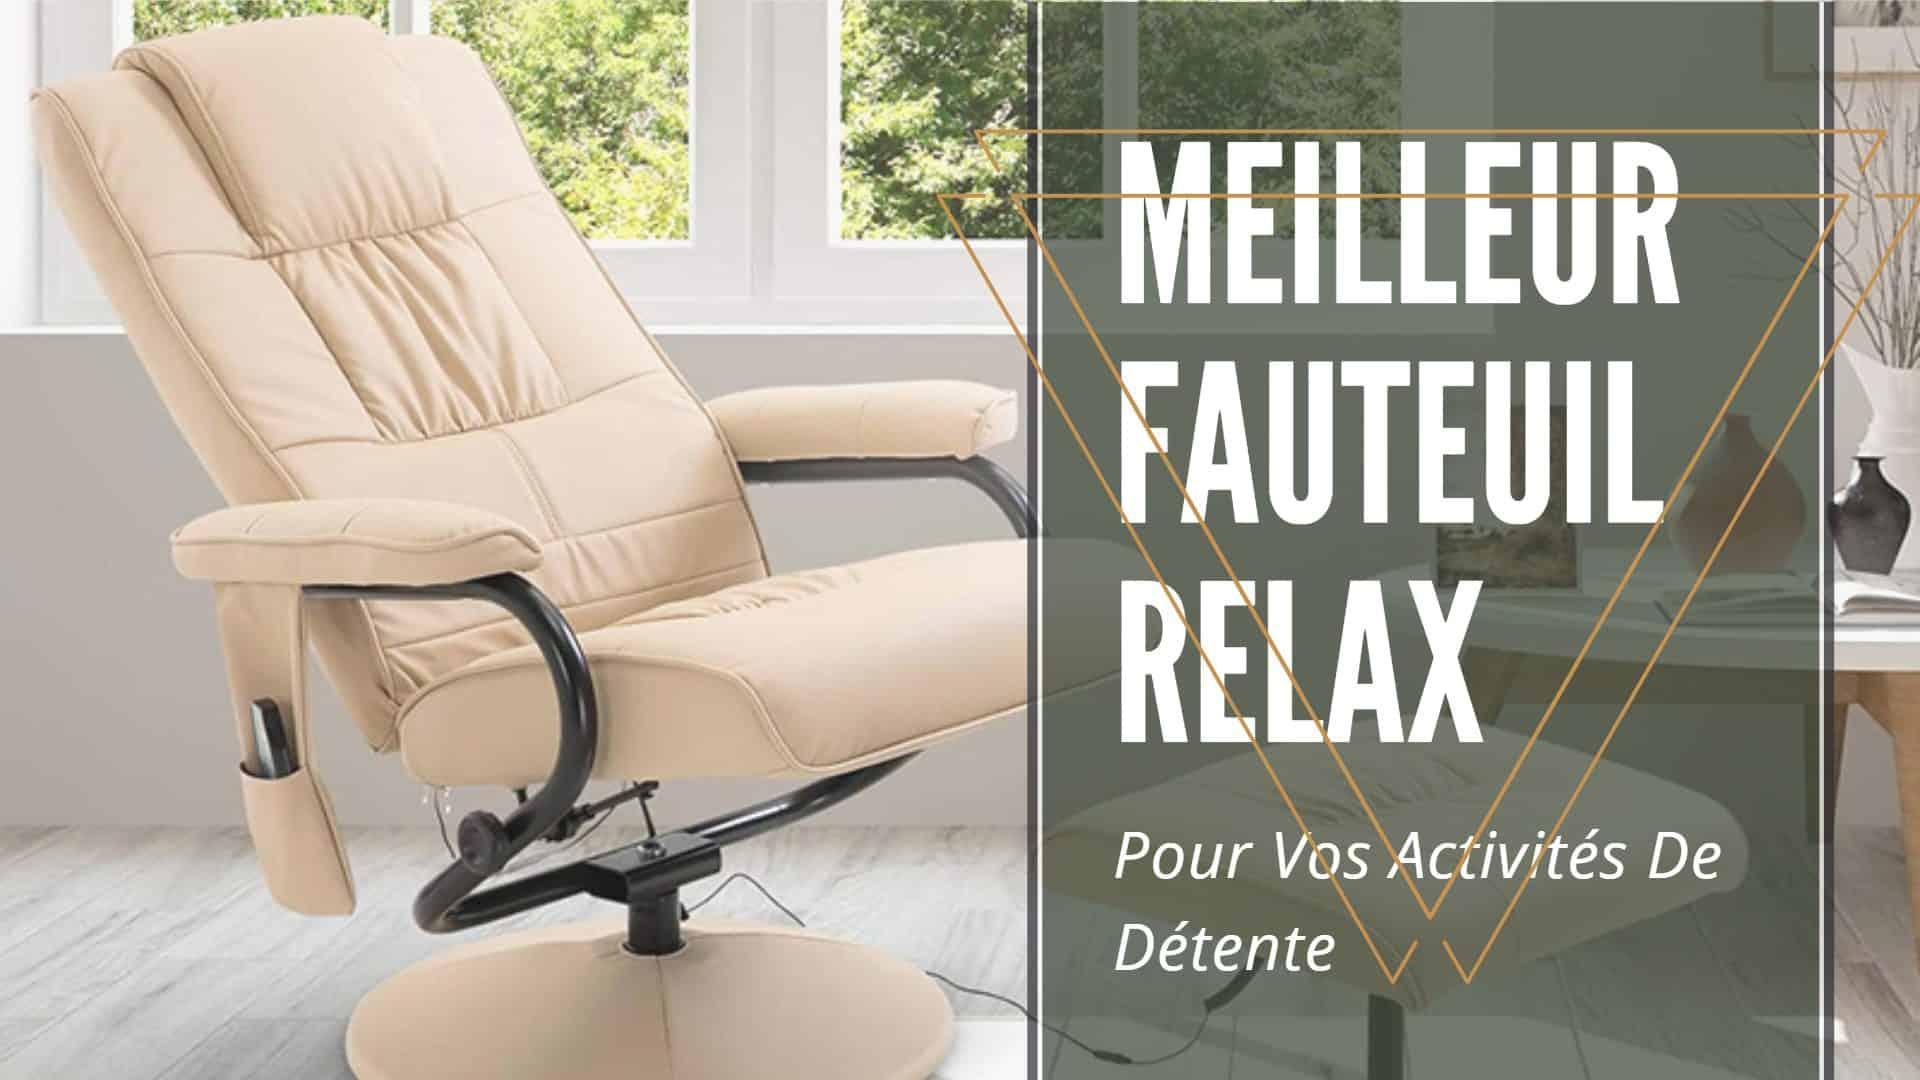 Top 13 Meilleur Fauteuil Relax : Comparatif Et Avis 2020 à Fauteuil Relax Foley Avis